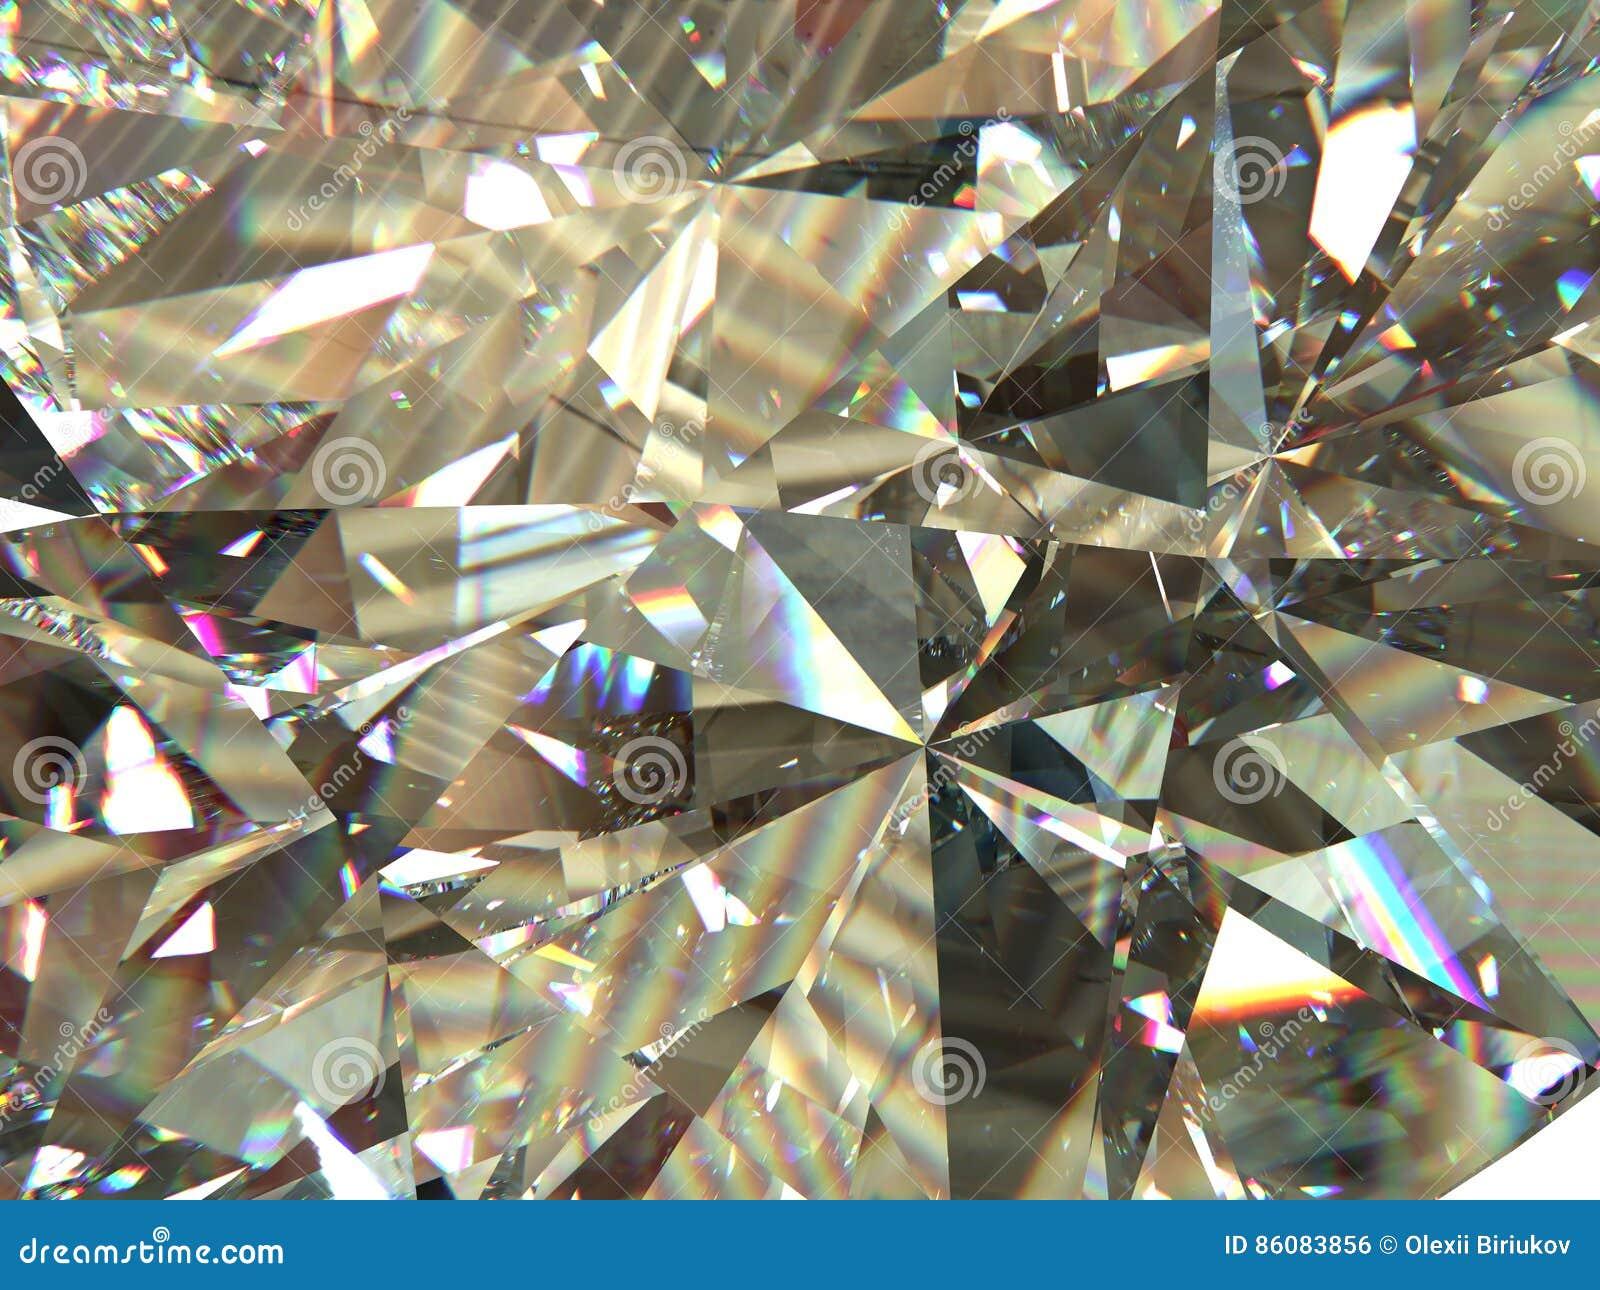 Наслоенные диамант текстуры триангулярные или предпосылка габитусов кристалла модель перевода 3d